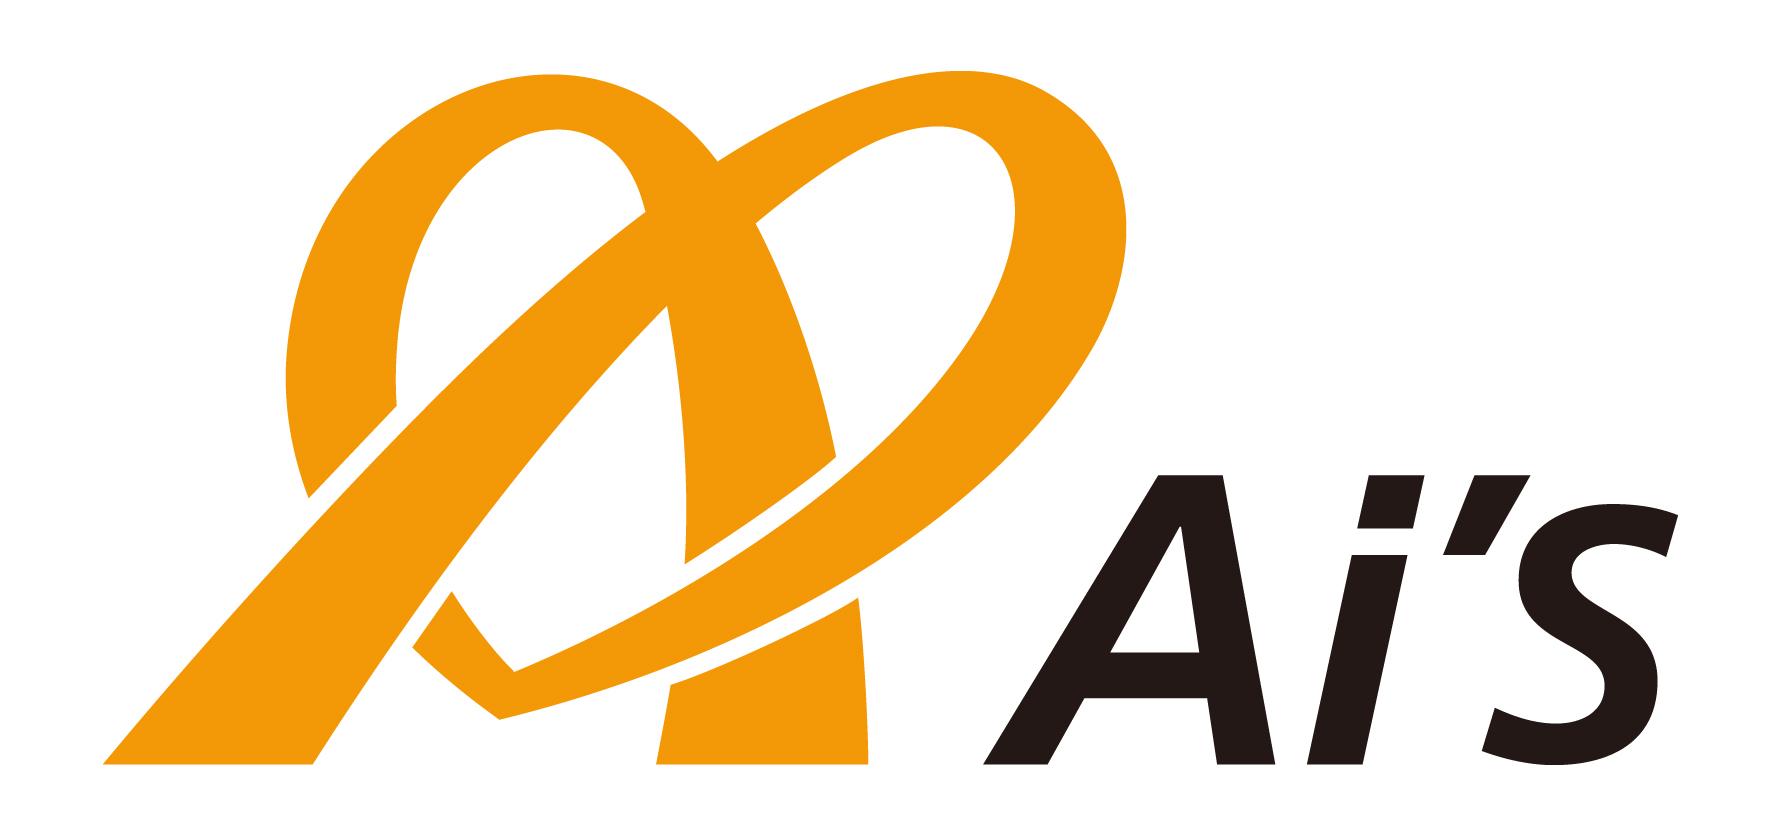 株式会社アイズパーキング